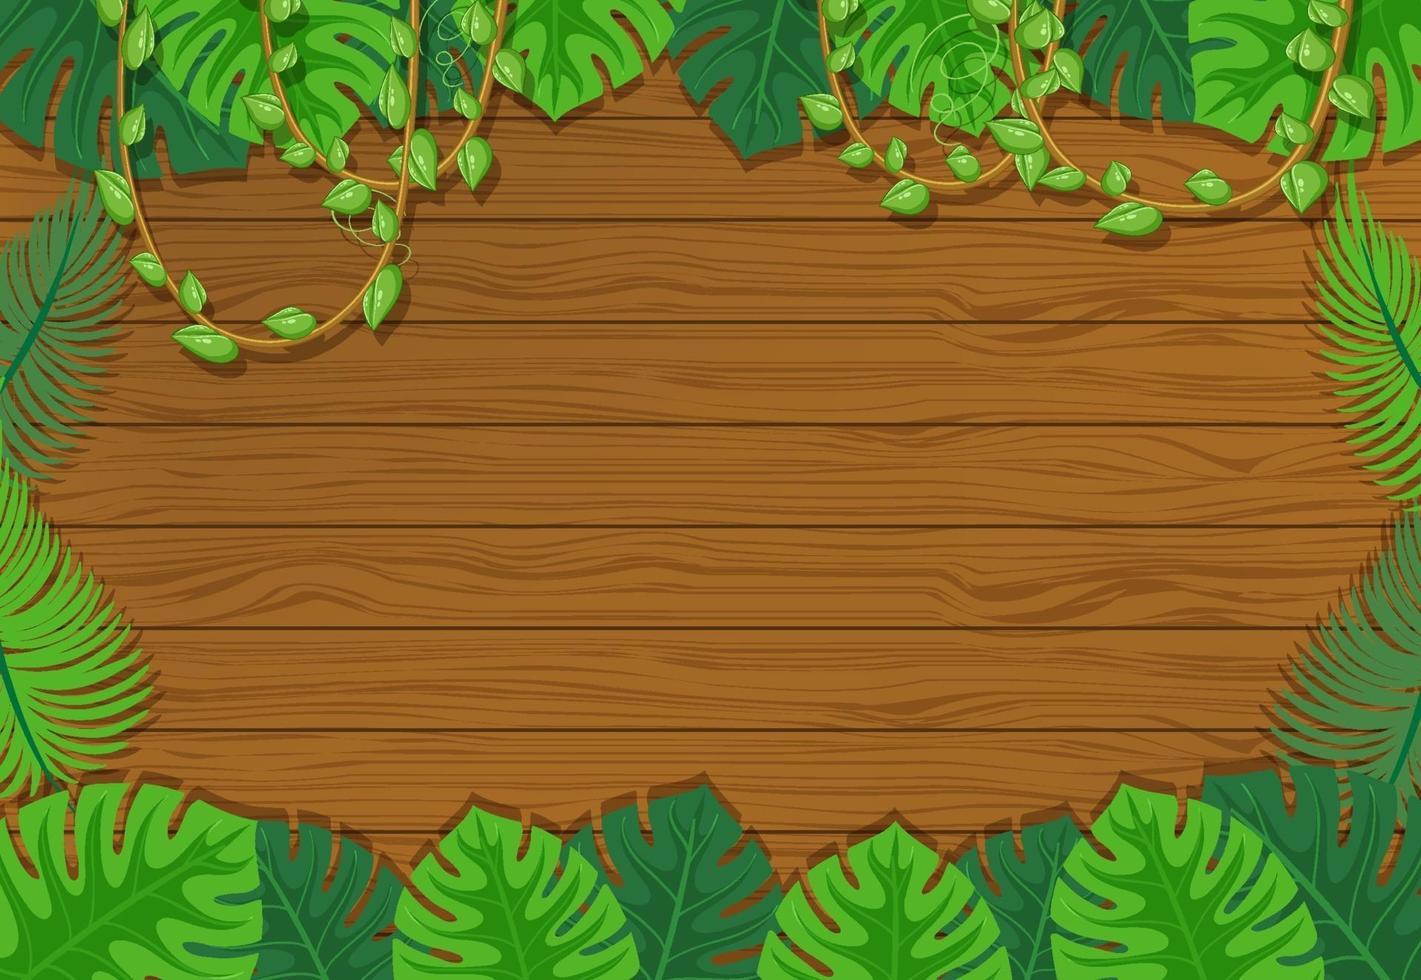 leerer Holzbretthintergrund mit Blattelementen vektor